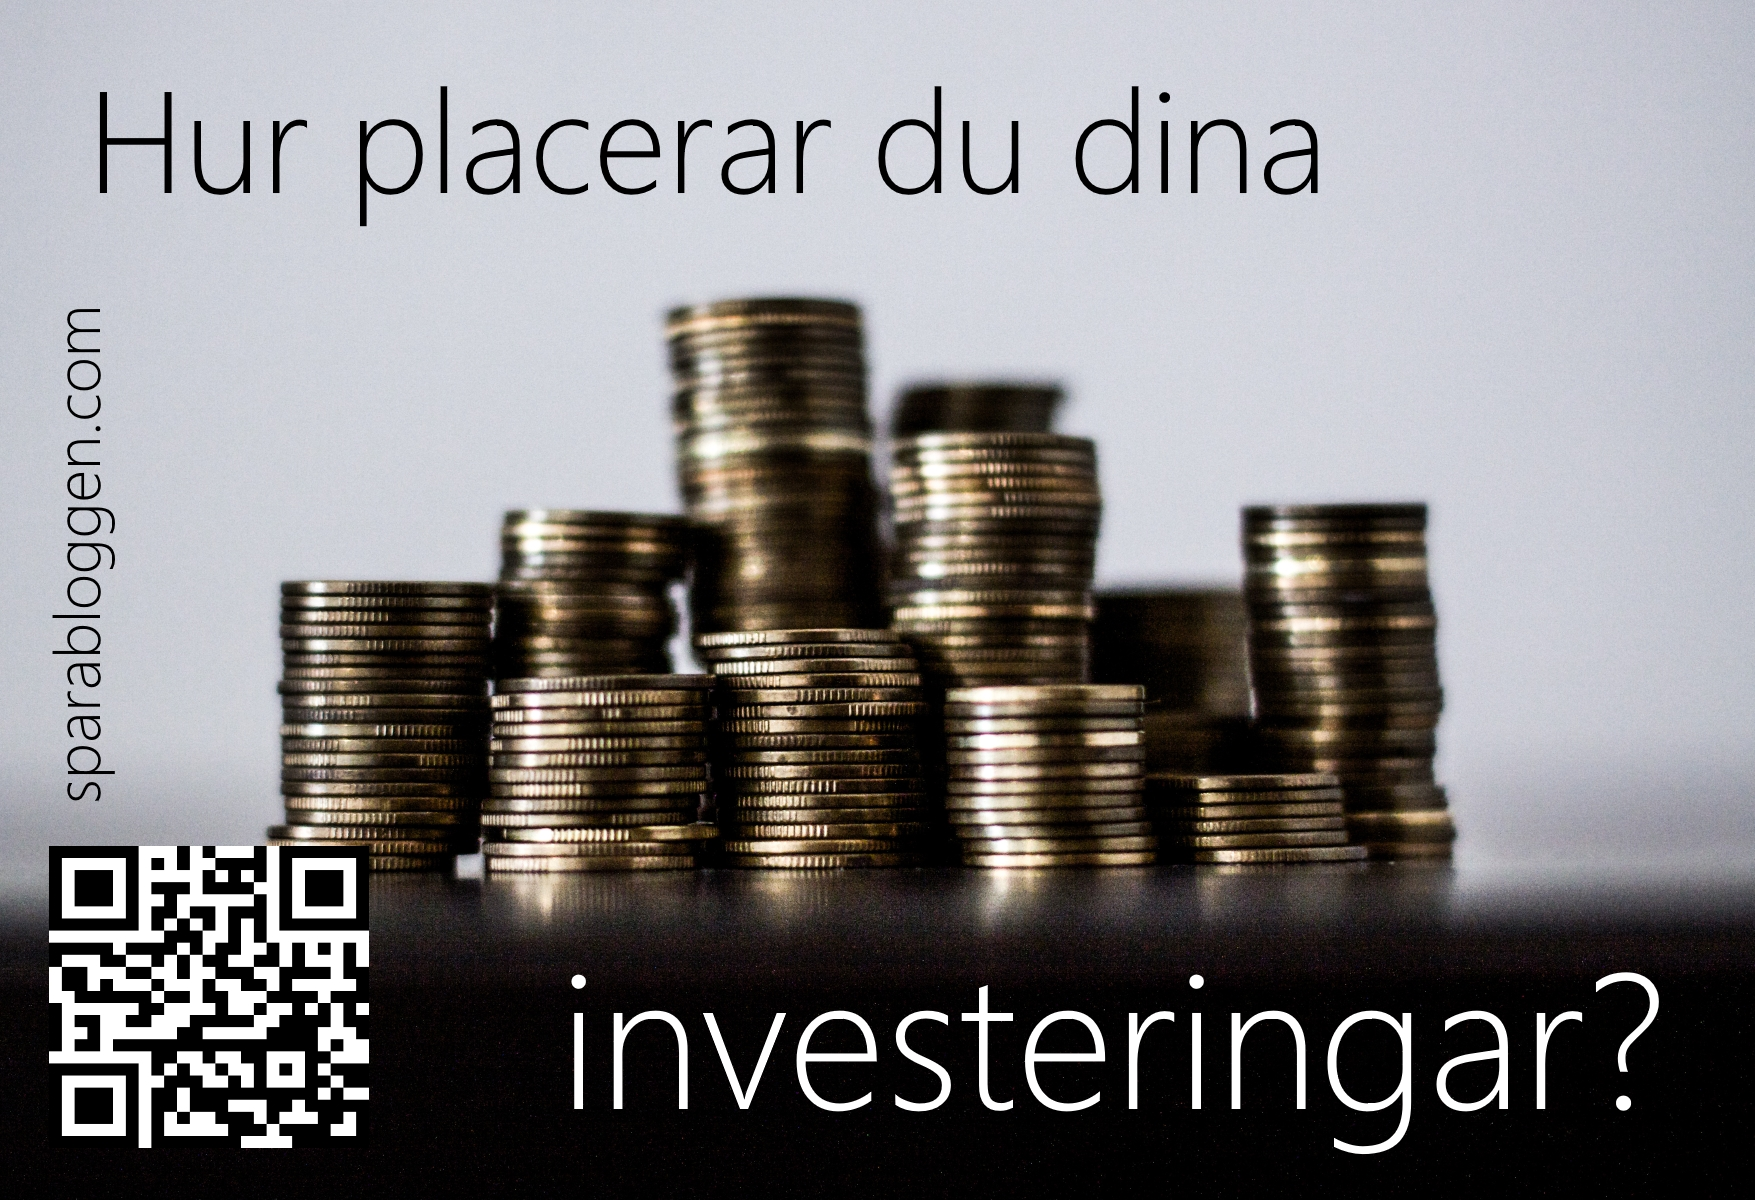 placerar investeringar.jpg